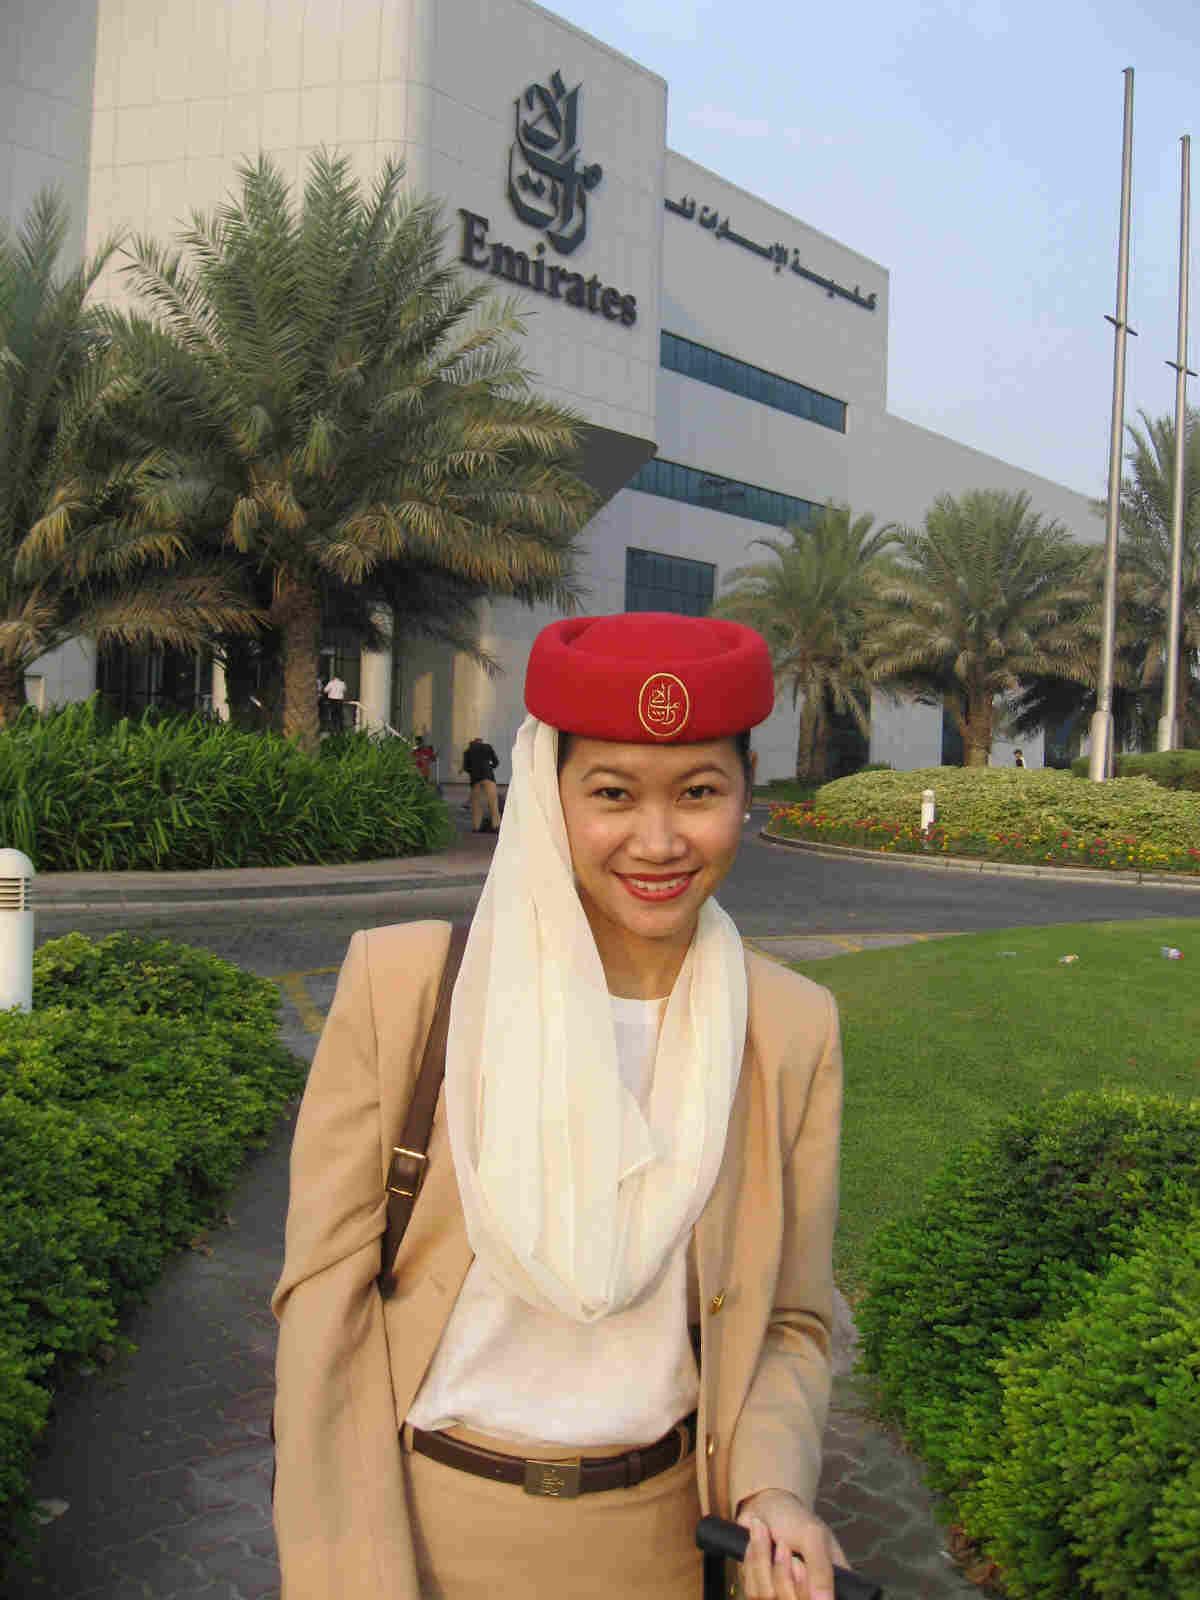 Emirates Watch